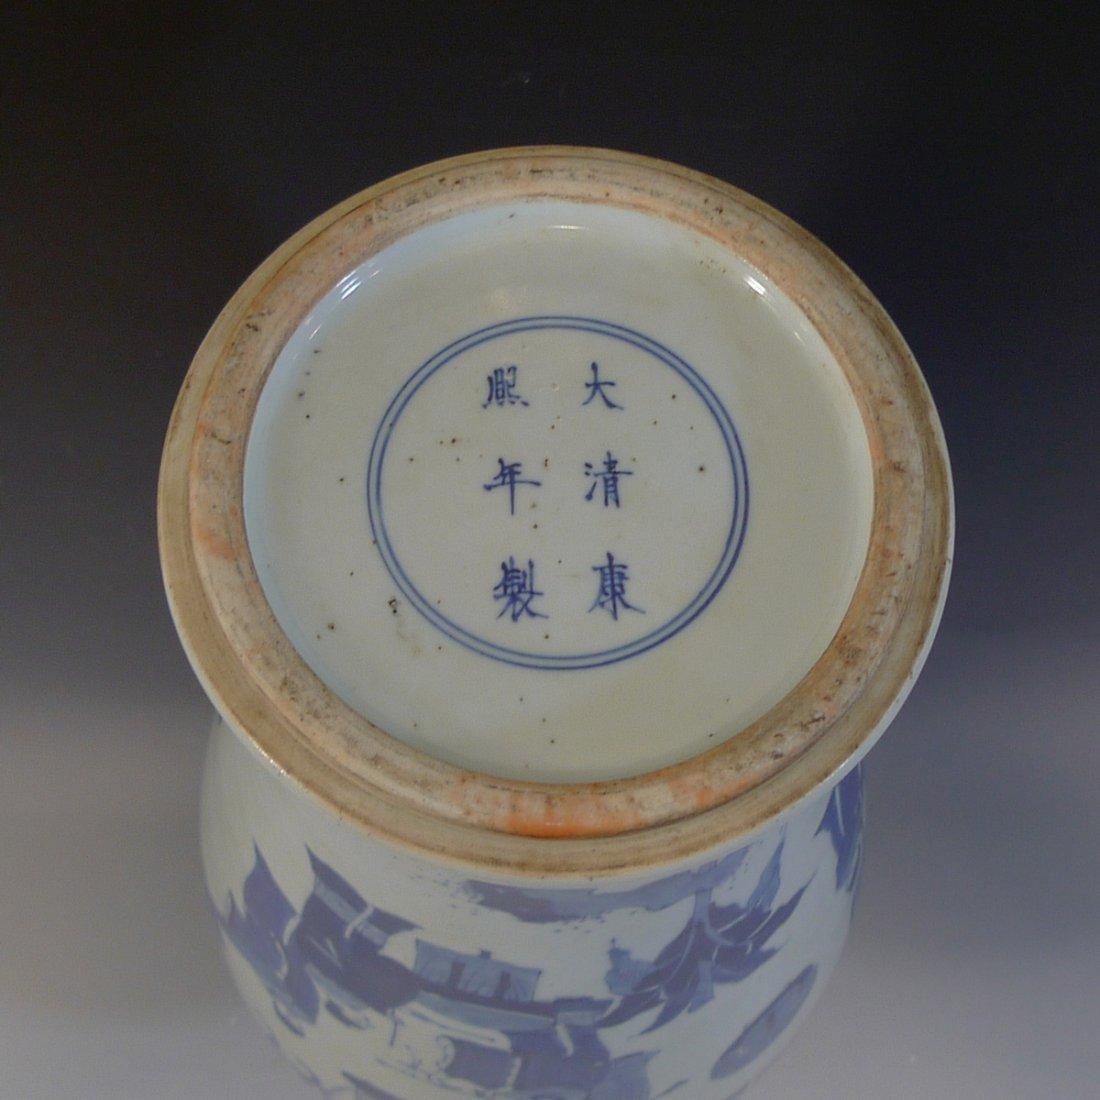 ANTIQUE CHINESE BLUE WHITE PORCELAIN VASE - KANGXI MARK - 7